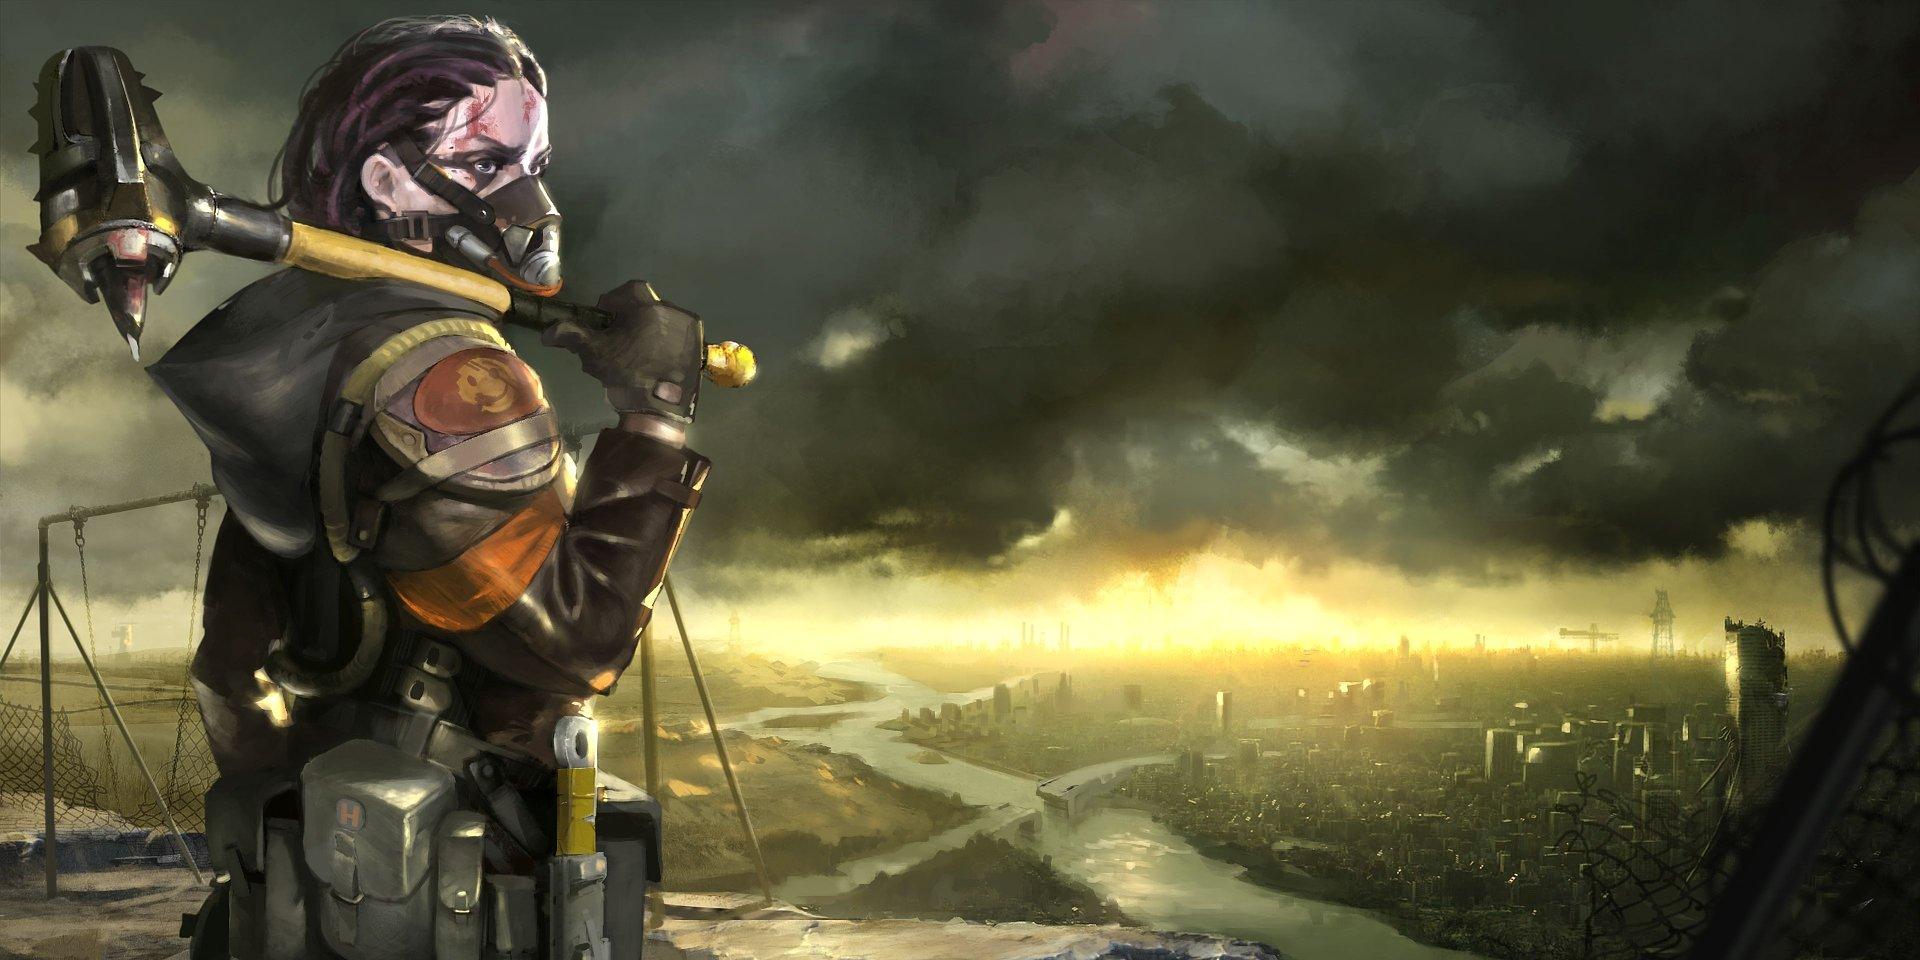 Игра Dustwind - The Last Resort выходит на консолях 15 сентября!